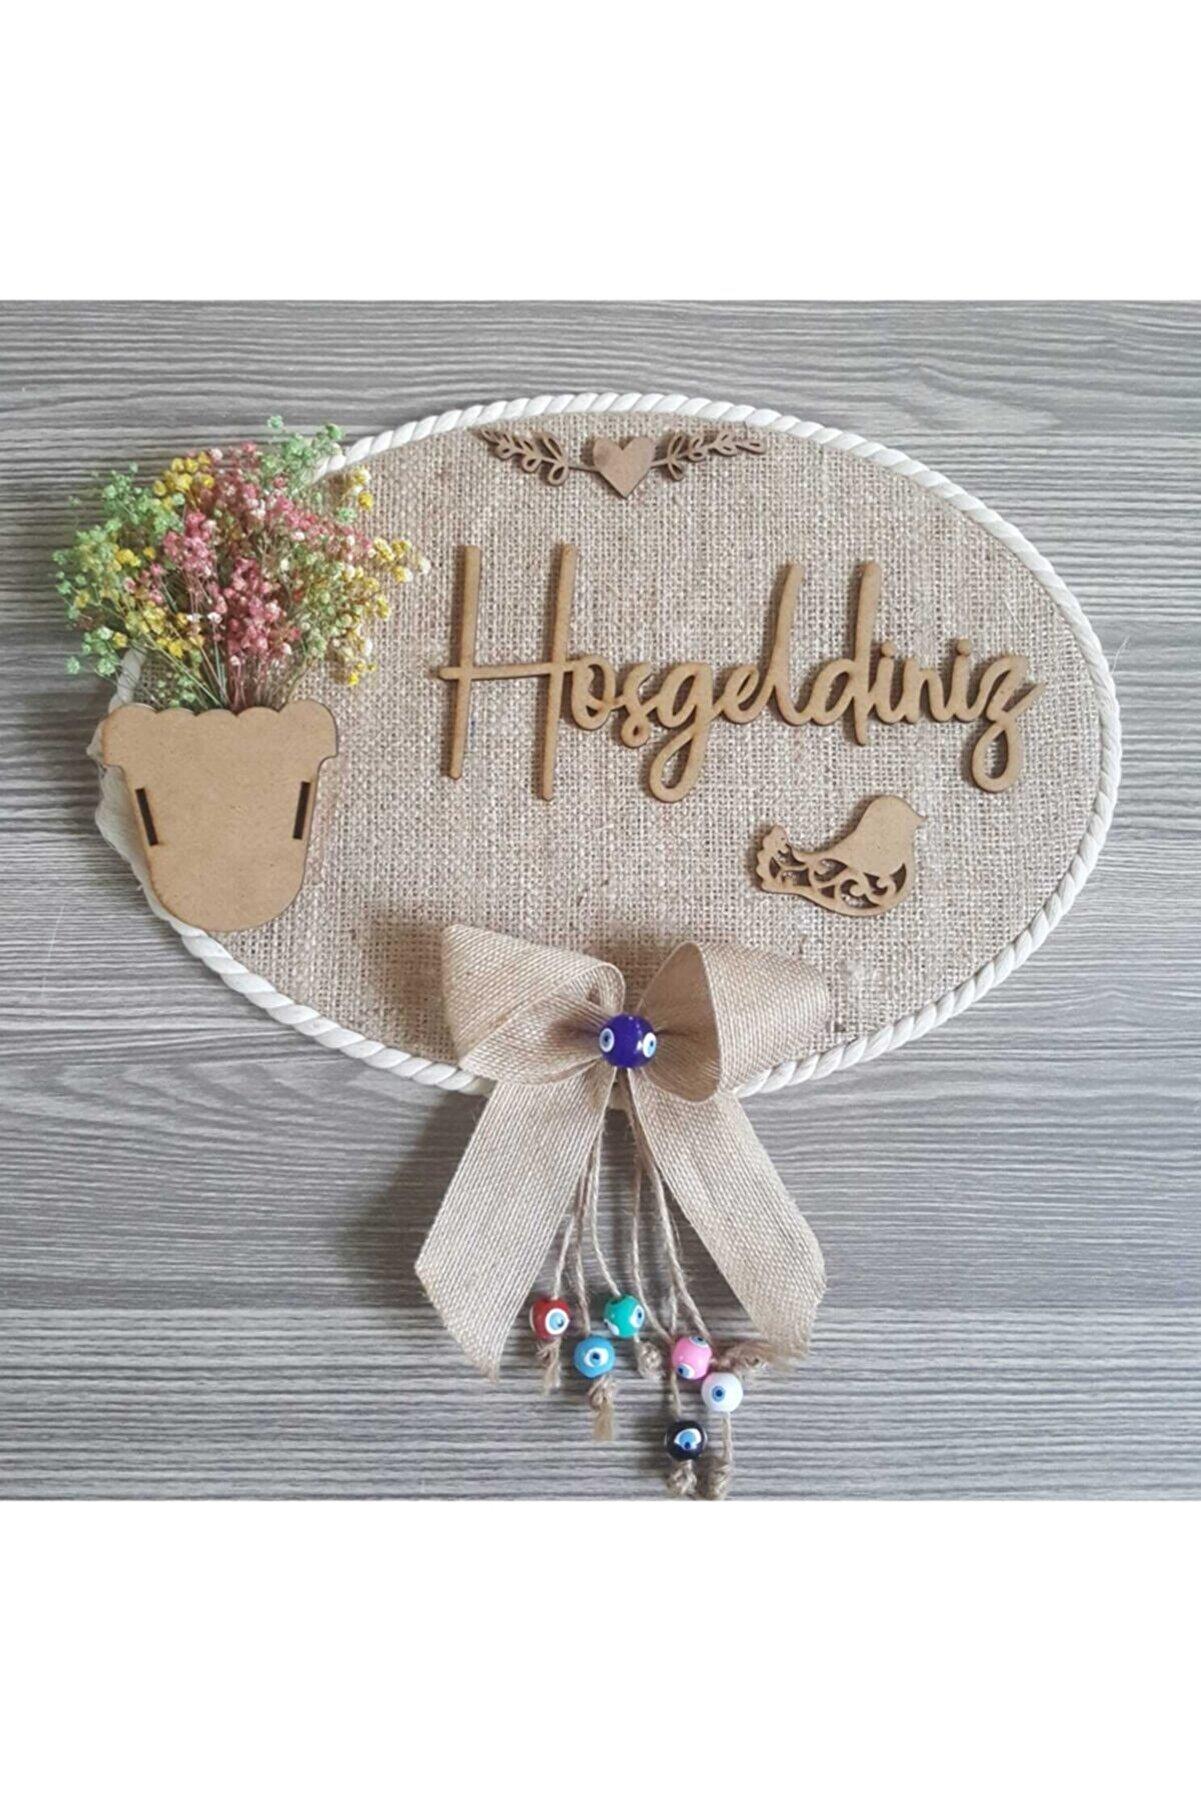 Baby Desing Trend Kapı Süsü Krem Jut Şoklanmış Kuru Çiçekli Dekoratif Çelik Kapı Süsü Nazar Boncuklu